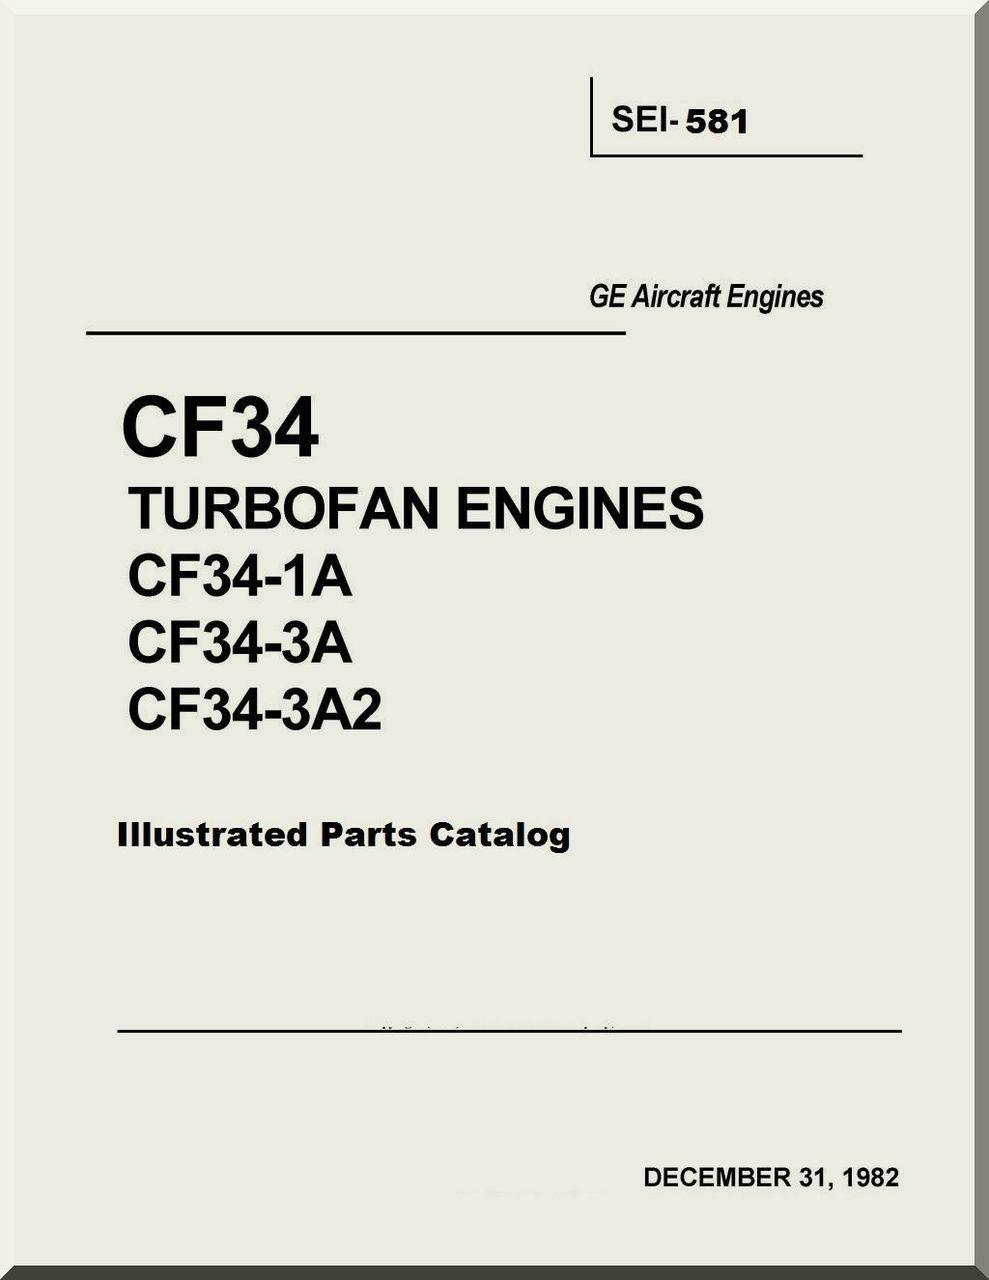 illustrated parts catalog manual sei 581 aircraft reports aircraft manuals aircraft helicopter engines propellers blueprints publications [ 989 x 1280 Pixel ]